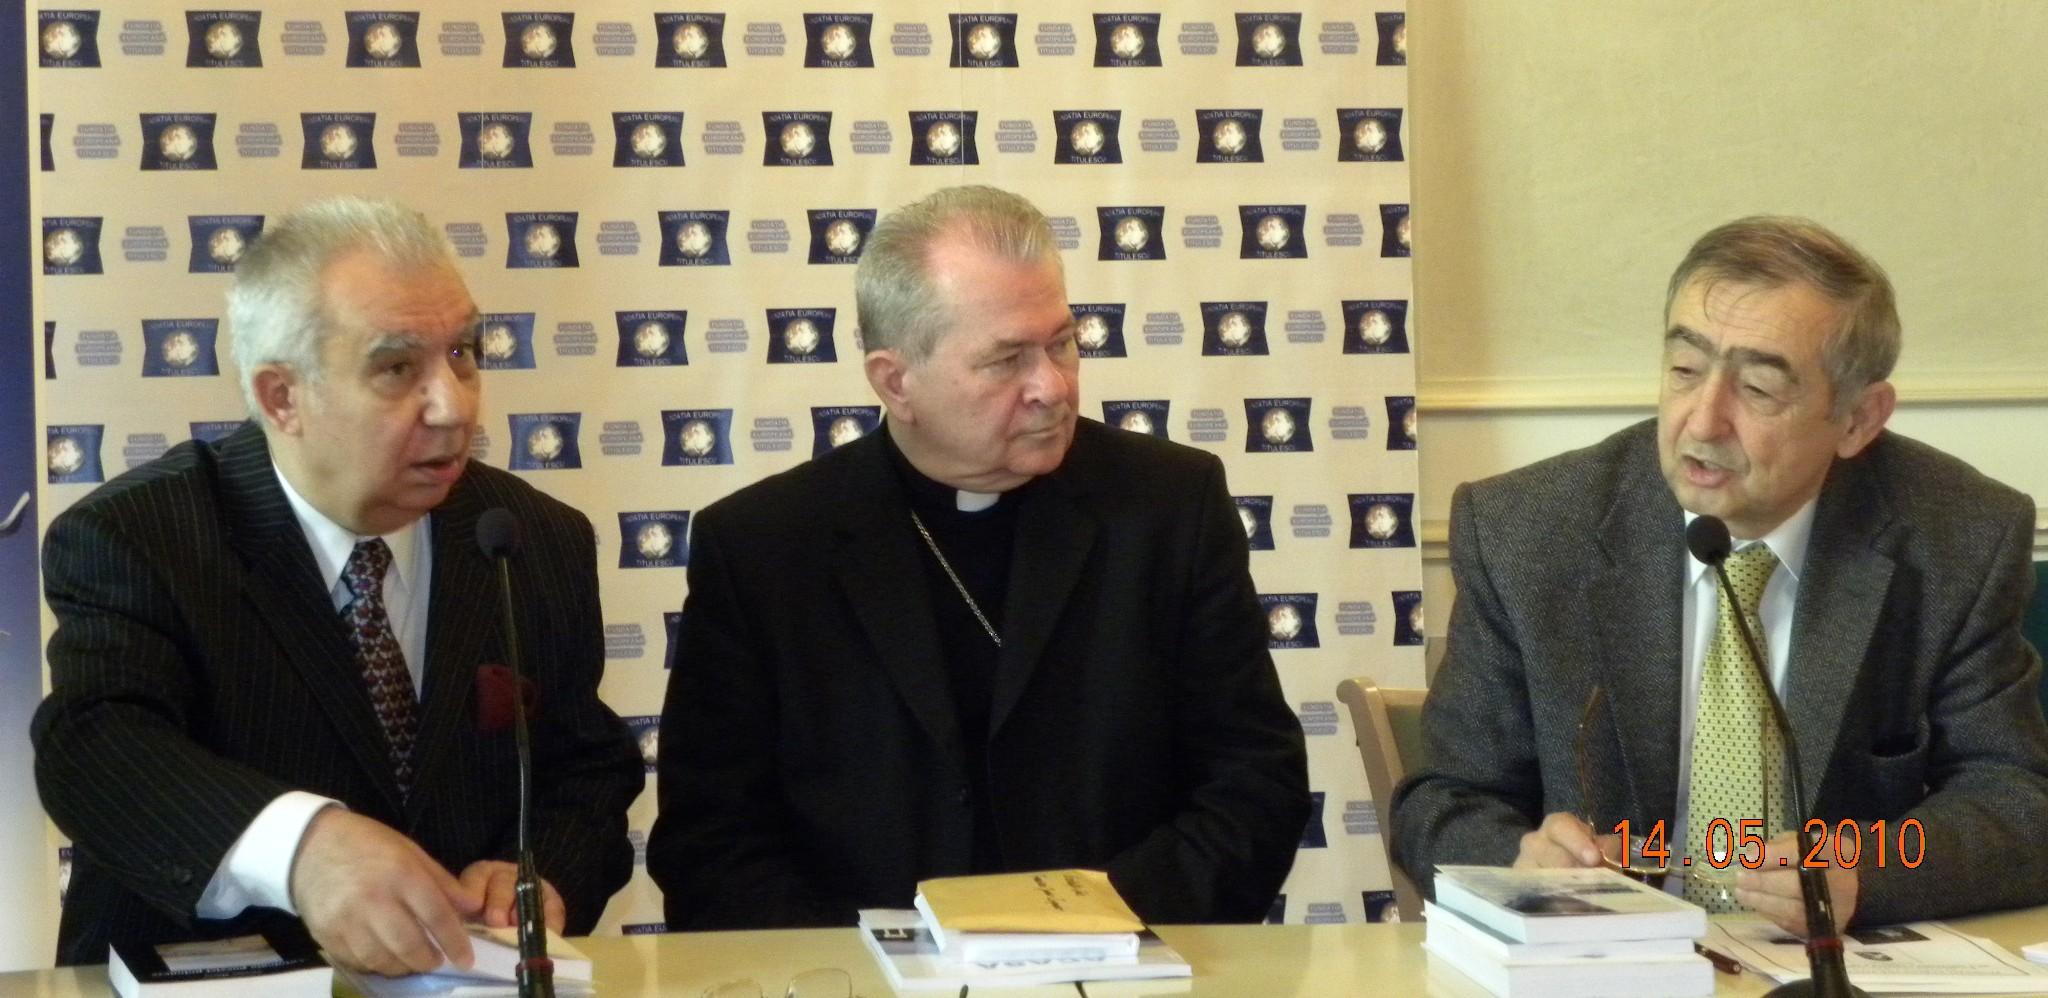 """Lansarea volumelor """"Sculaţi-vă, să mergem!"""" de Ioan Paul al II-lea și """"Ioan Paul al II-lea. Un papă sfânt"""" de Nicolae Mareş; Diplomaţie politică, spiritualitate, cultură de Nicolae Mareş"""